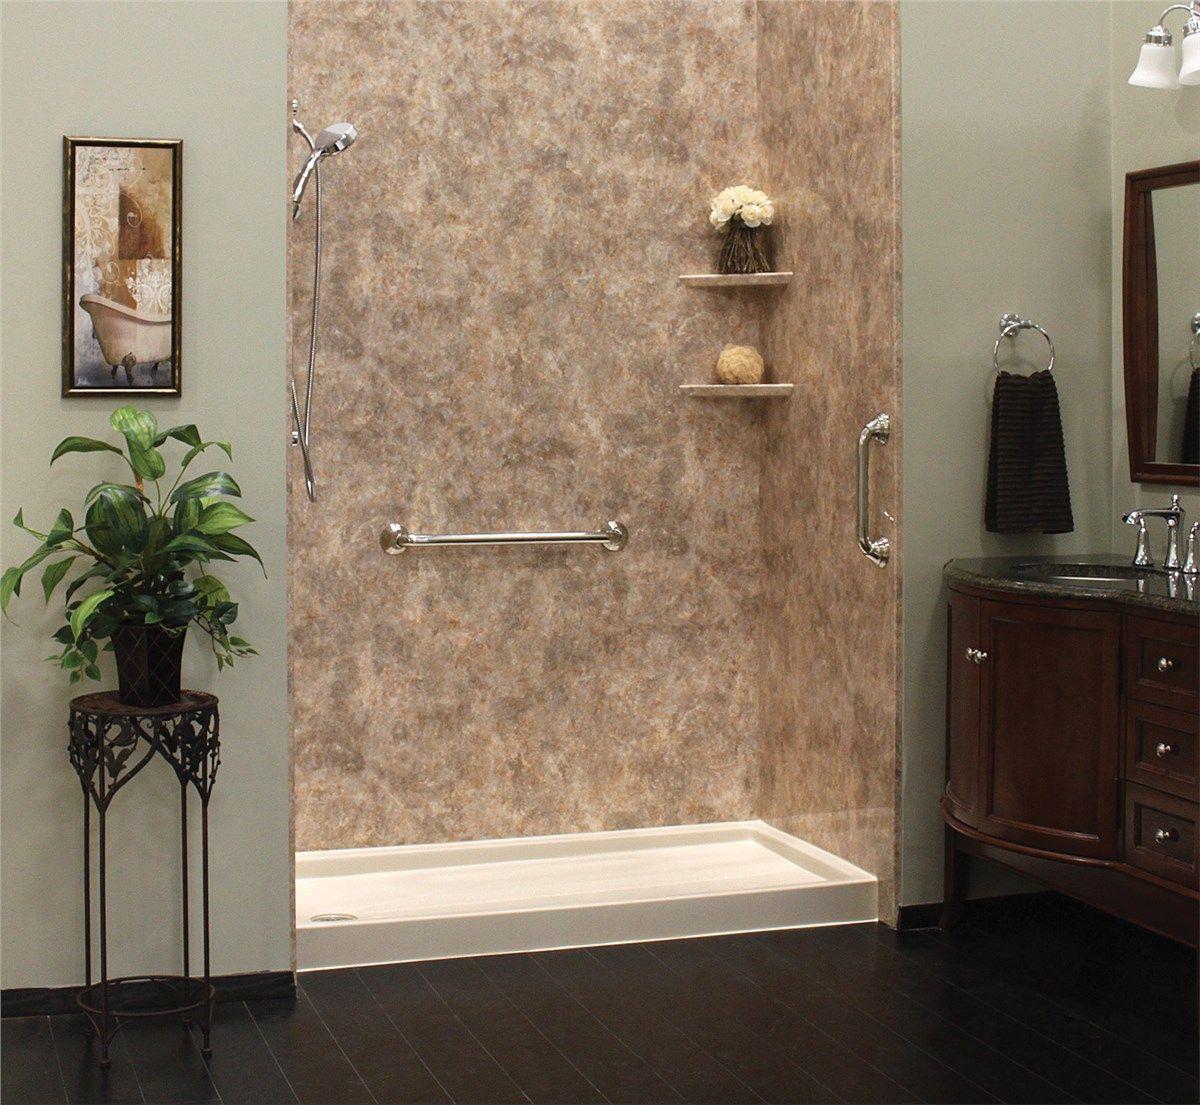 Bathroom Remodeling Wausau Wi Top Rated Interior Paint Check - Bathroom remodeling wausau wi